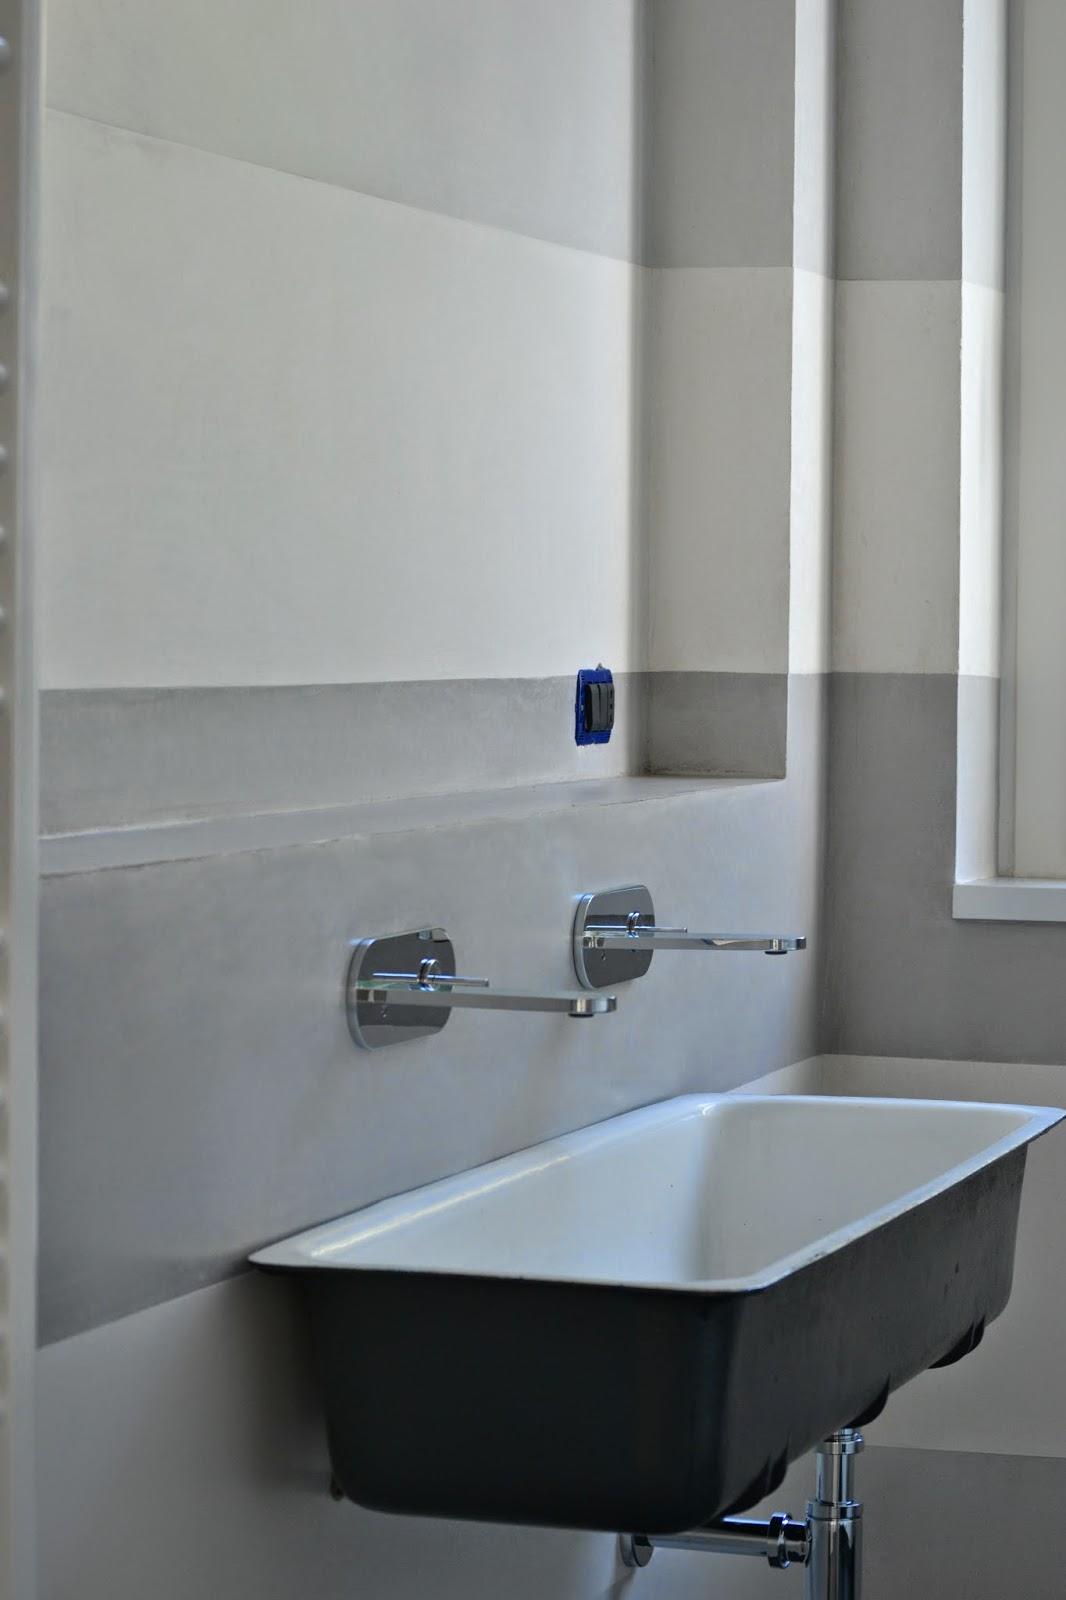 Chiartec rivestimento bagno in marmorino a fasce orizzontali - Stucco veneziano in bagno ...